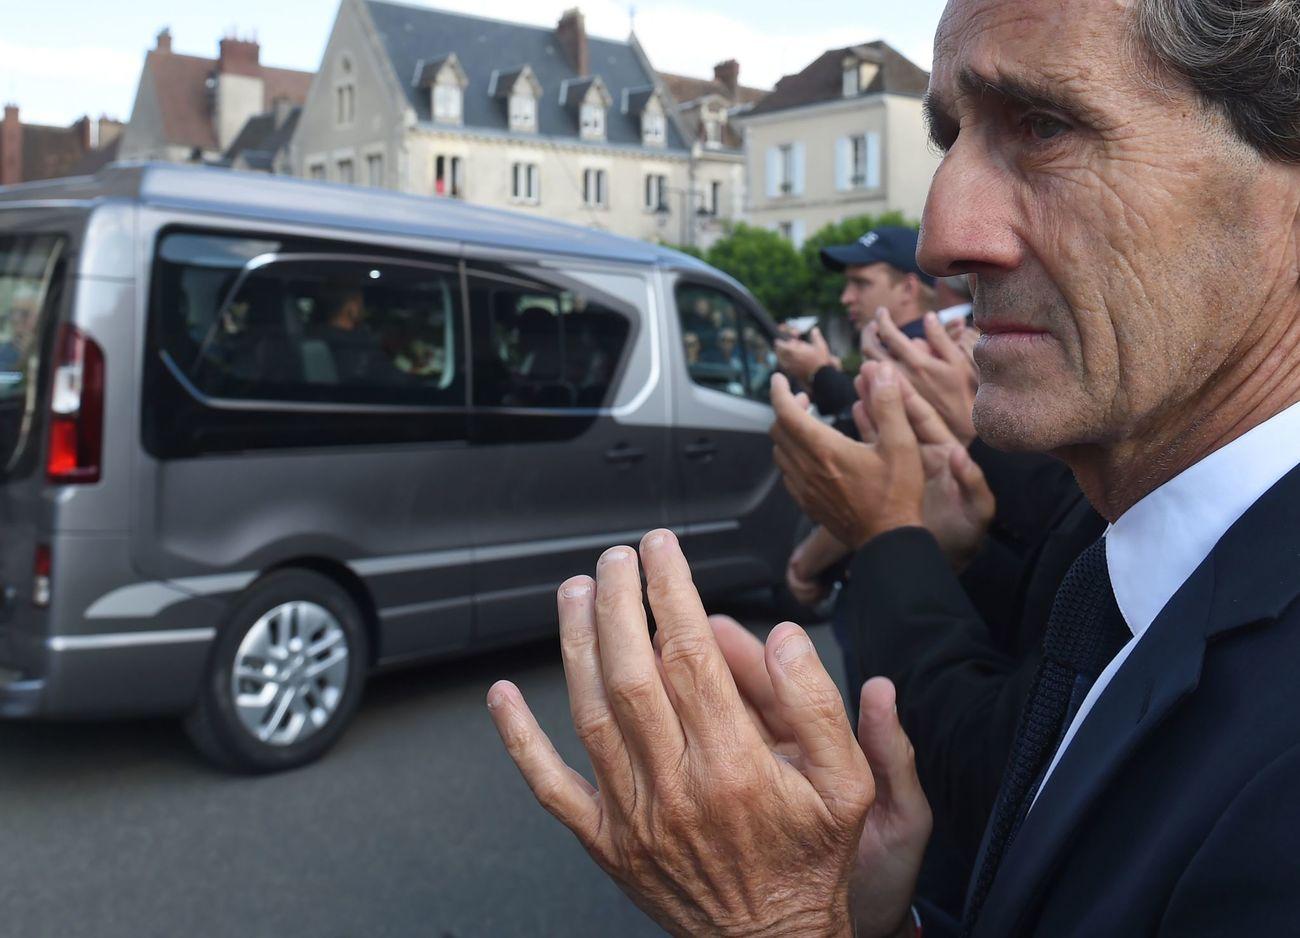 Nyugdíjas francia F1-es versenyző és a Renault speciális tanácsadója, Alain Prost tapsoltak a késő BWT Arden francia versenyzője, Anthoine Hubert temetési menetén, a Notres Dame-i székesegyházon kívül, a Chartres-ben, 2019. szeptember 10-én, Chartres városában, Franciaország központjában.  - A 22 éves F2-es sofőr 2019. augusztus 31-én meghalt egy balesetben a Spa-Francorchamps körzetben.  (Fotó: JEAN-FRANCOIS MONIER / AFP)